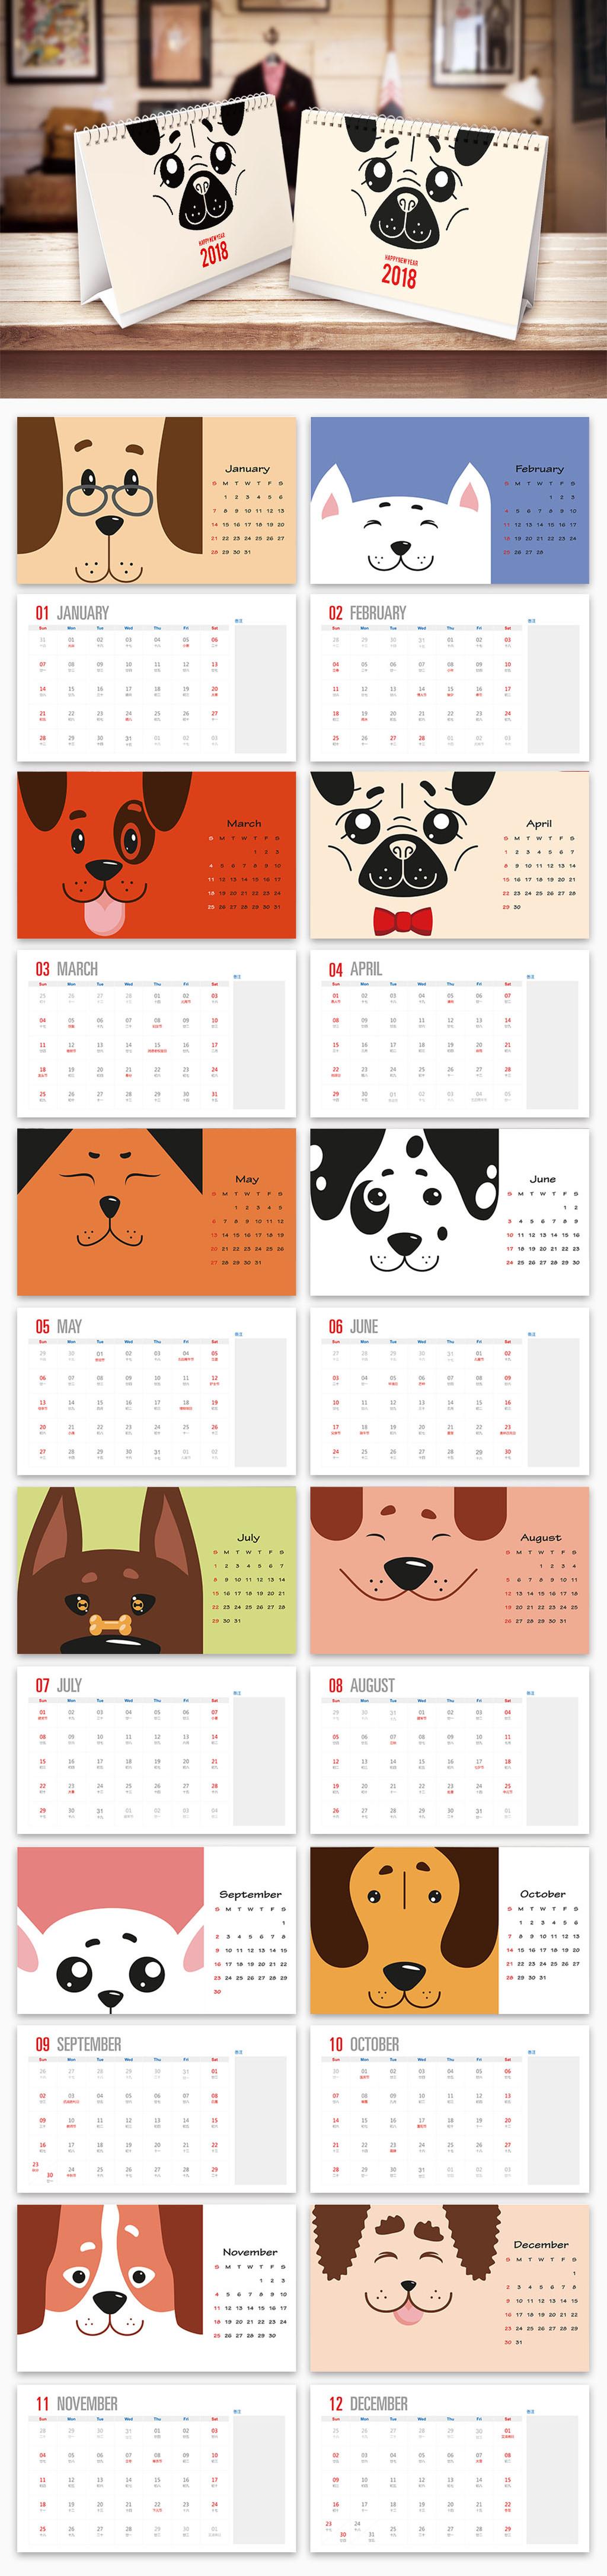 2018狗年设计模板 2018狗年日历 > 卡通手绘动物2018年台历   图片